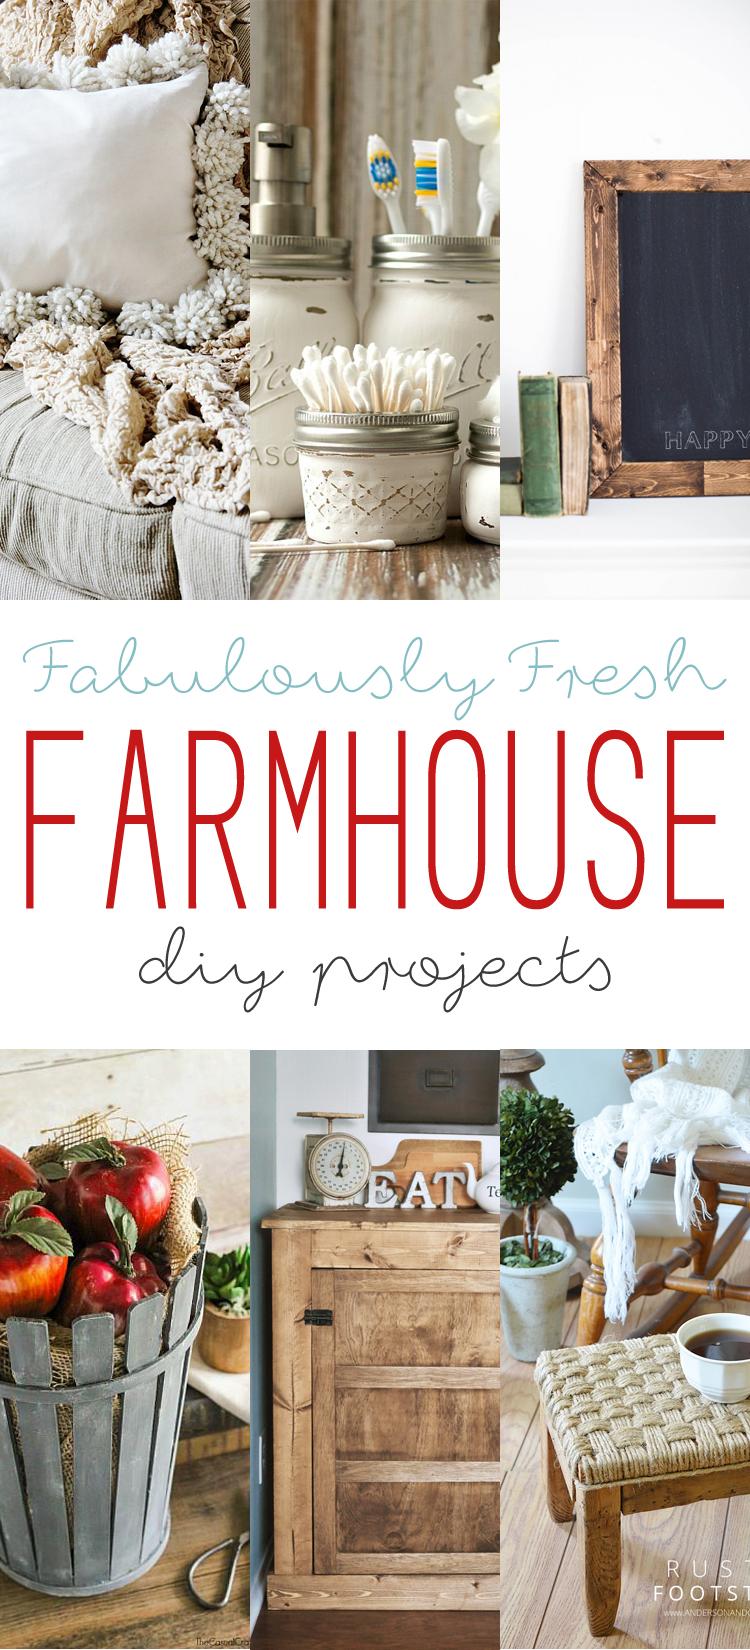 FarmhouseDIY-tower-001